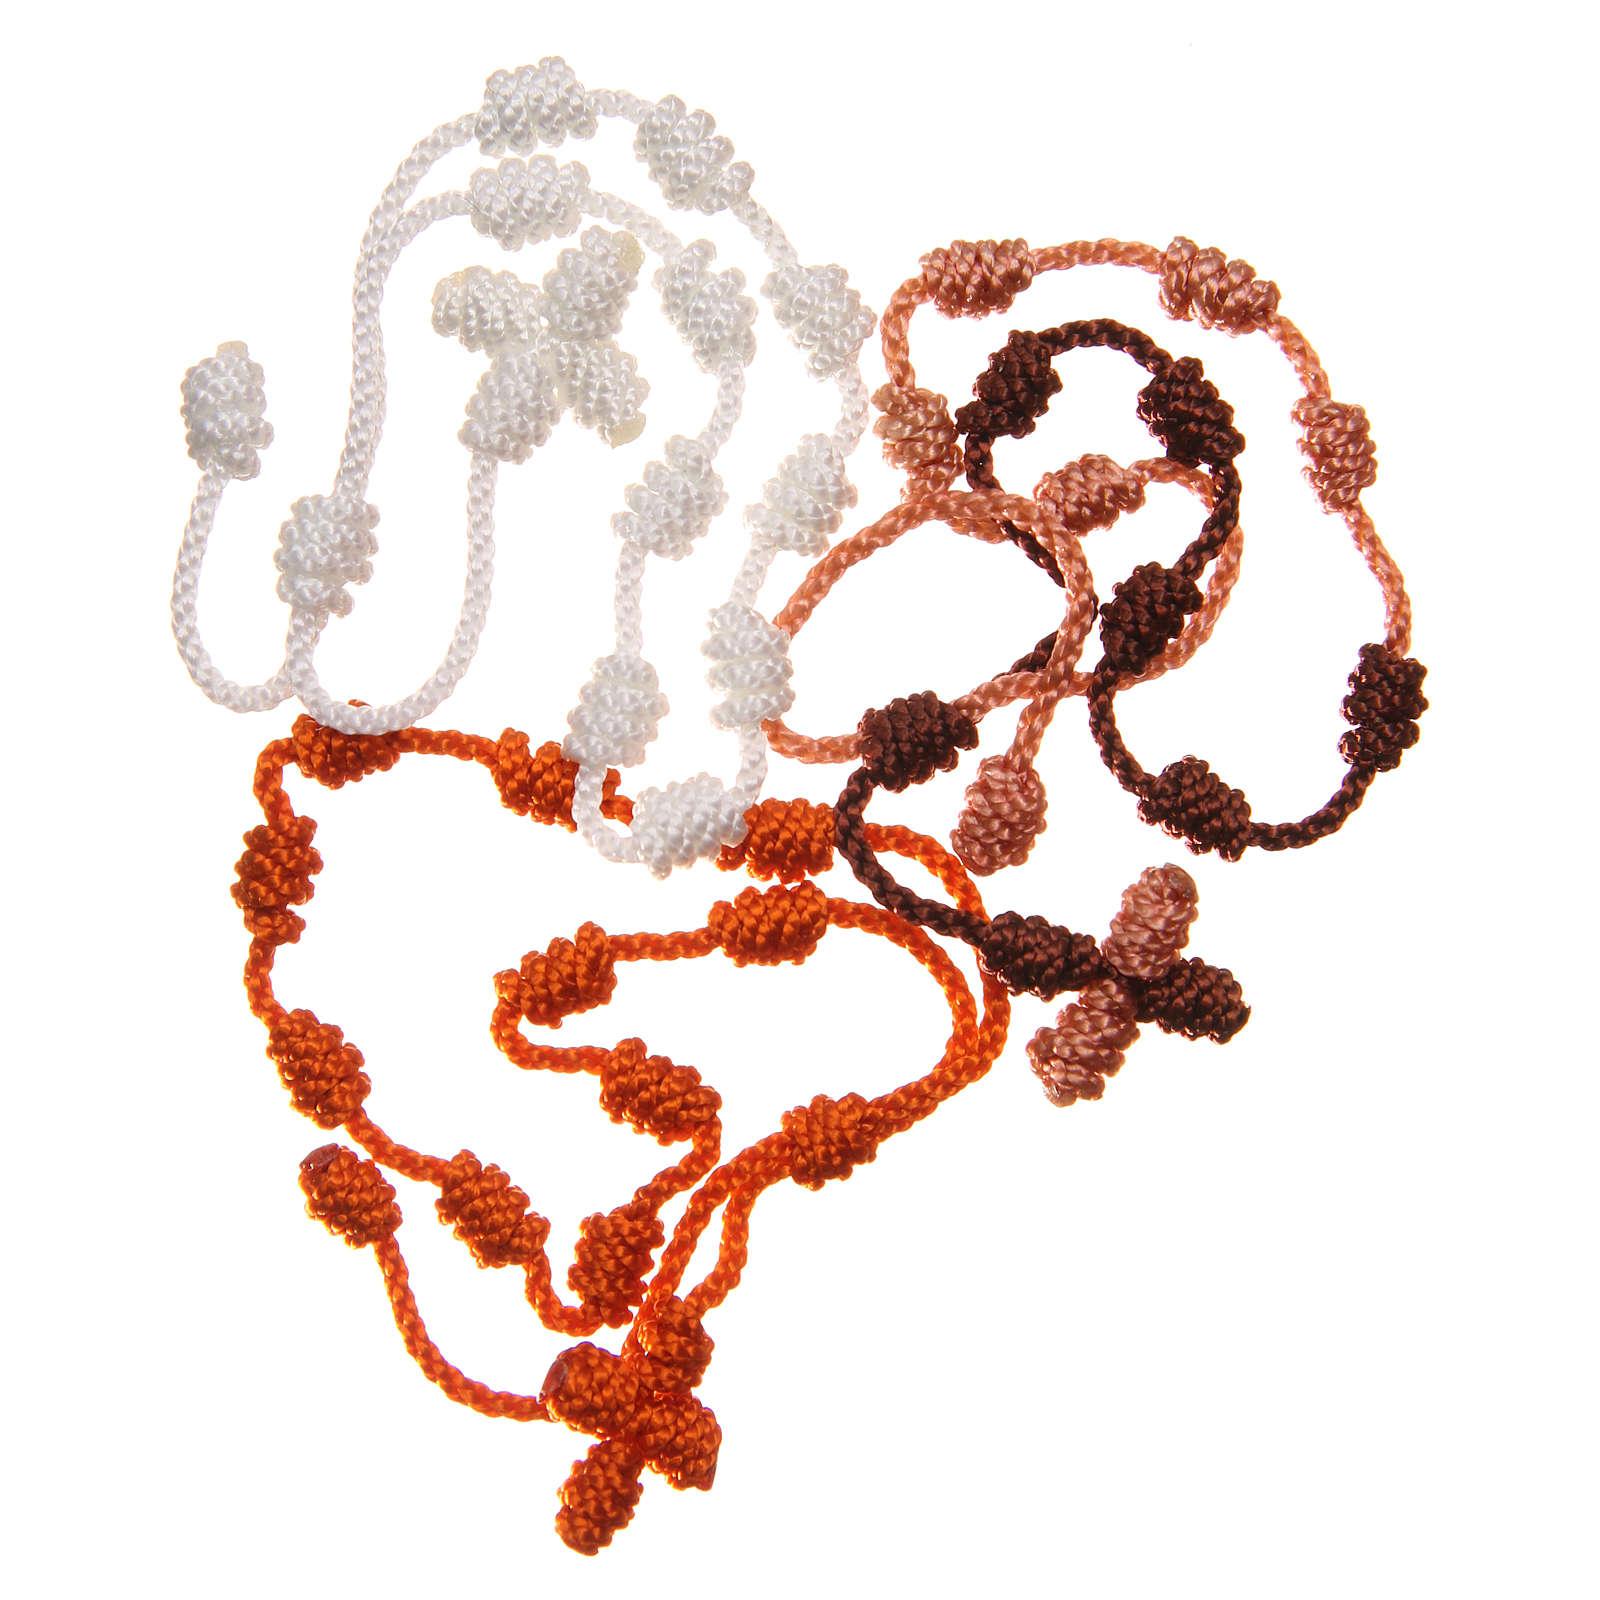 STOCK bransoletka ze sznurka, kolory mieszane 4